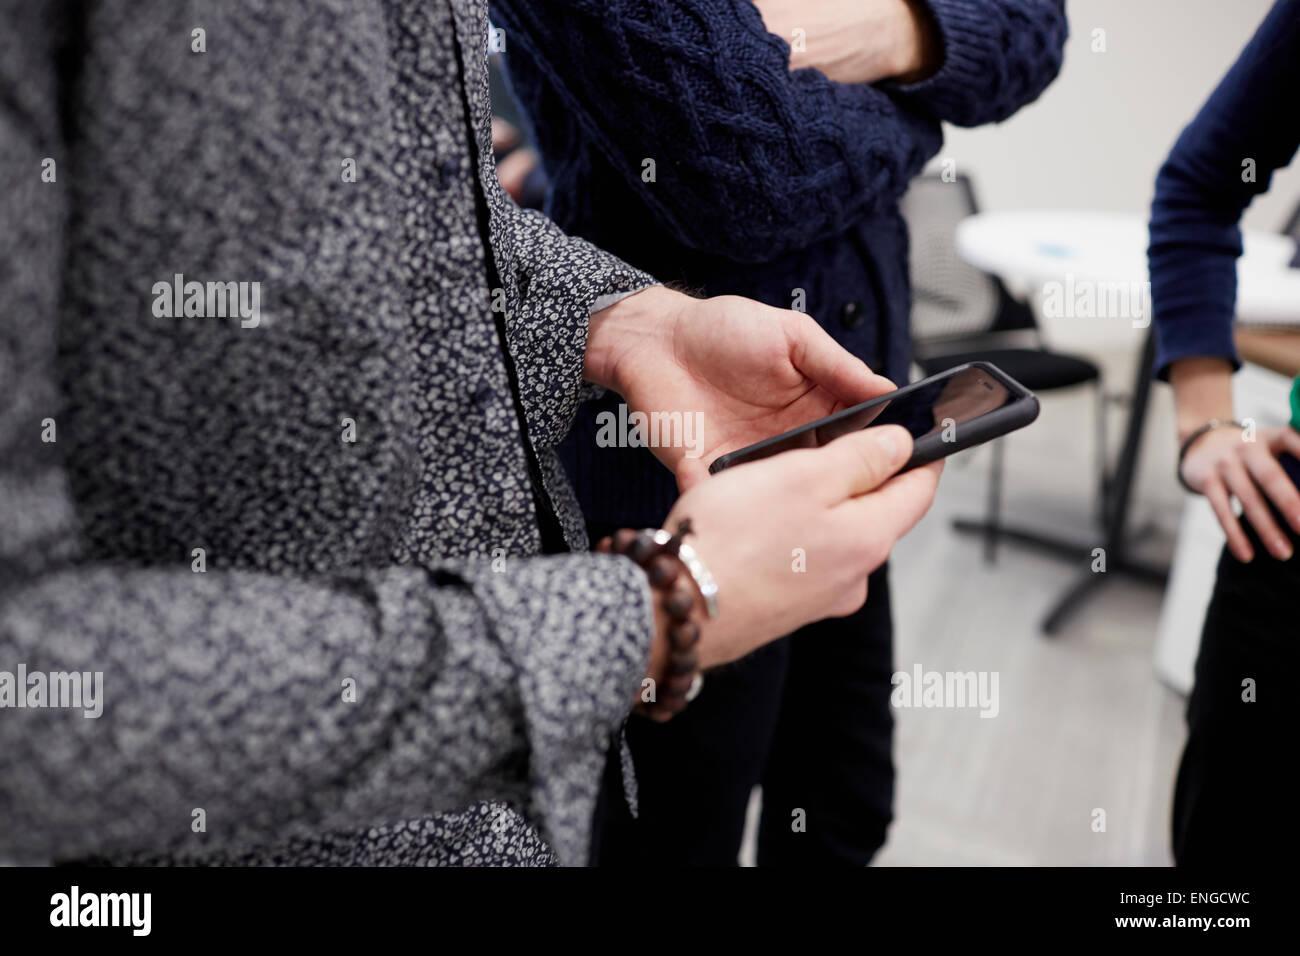 Tre persone in piedi in un ufficio, uno tenendo un telefono intelligente. Un incontro standup. Immagini Stock